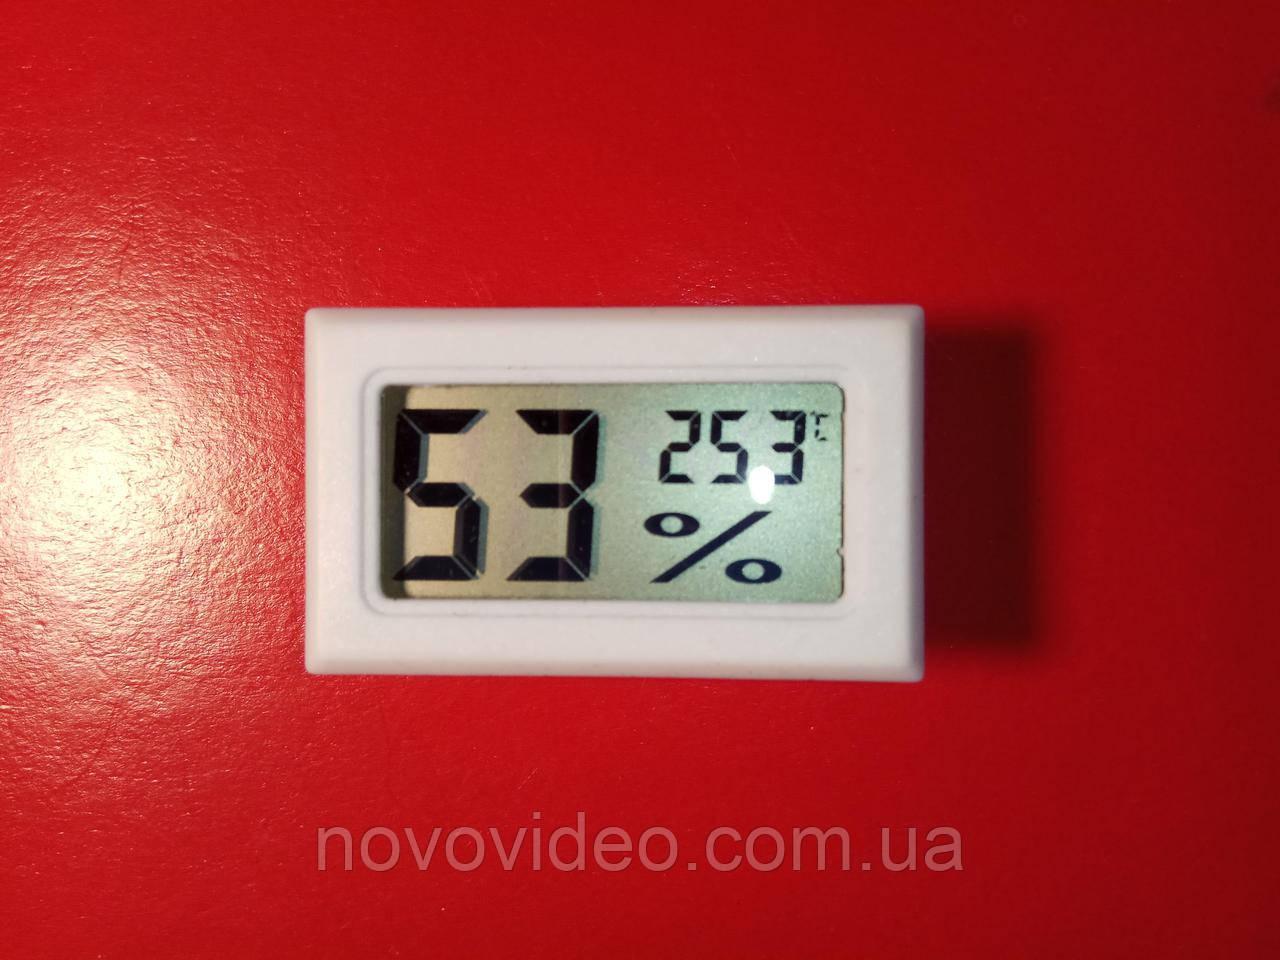 Гигрометр для помещения с термометром Th-2